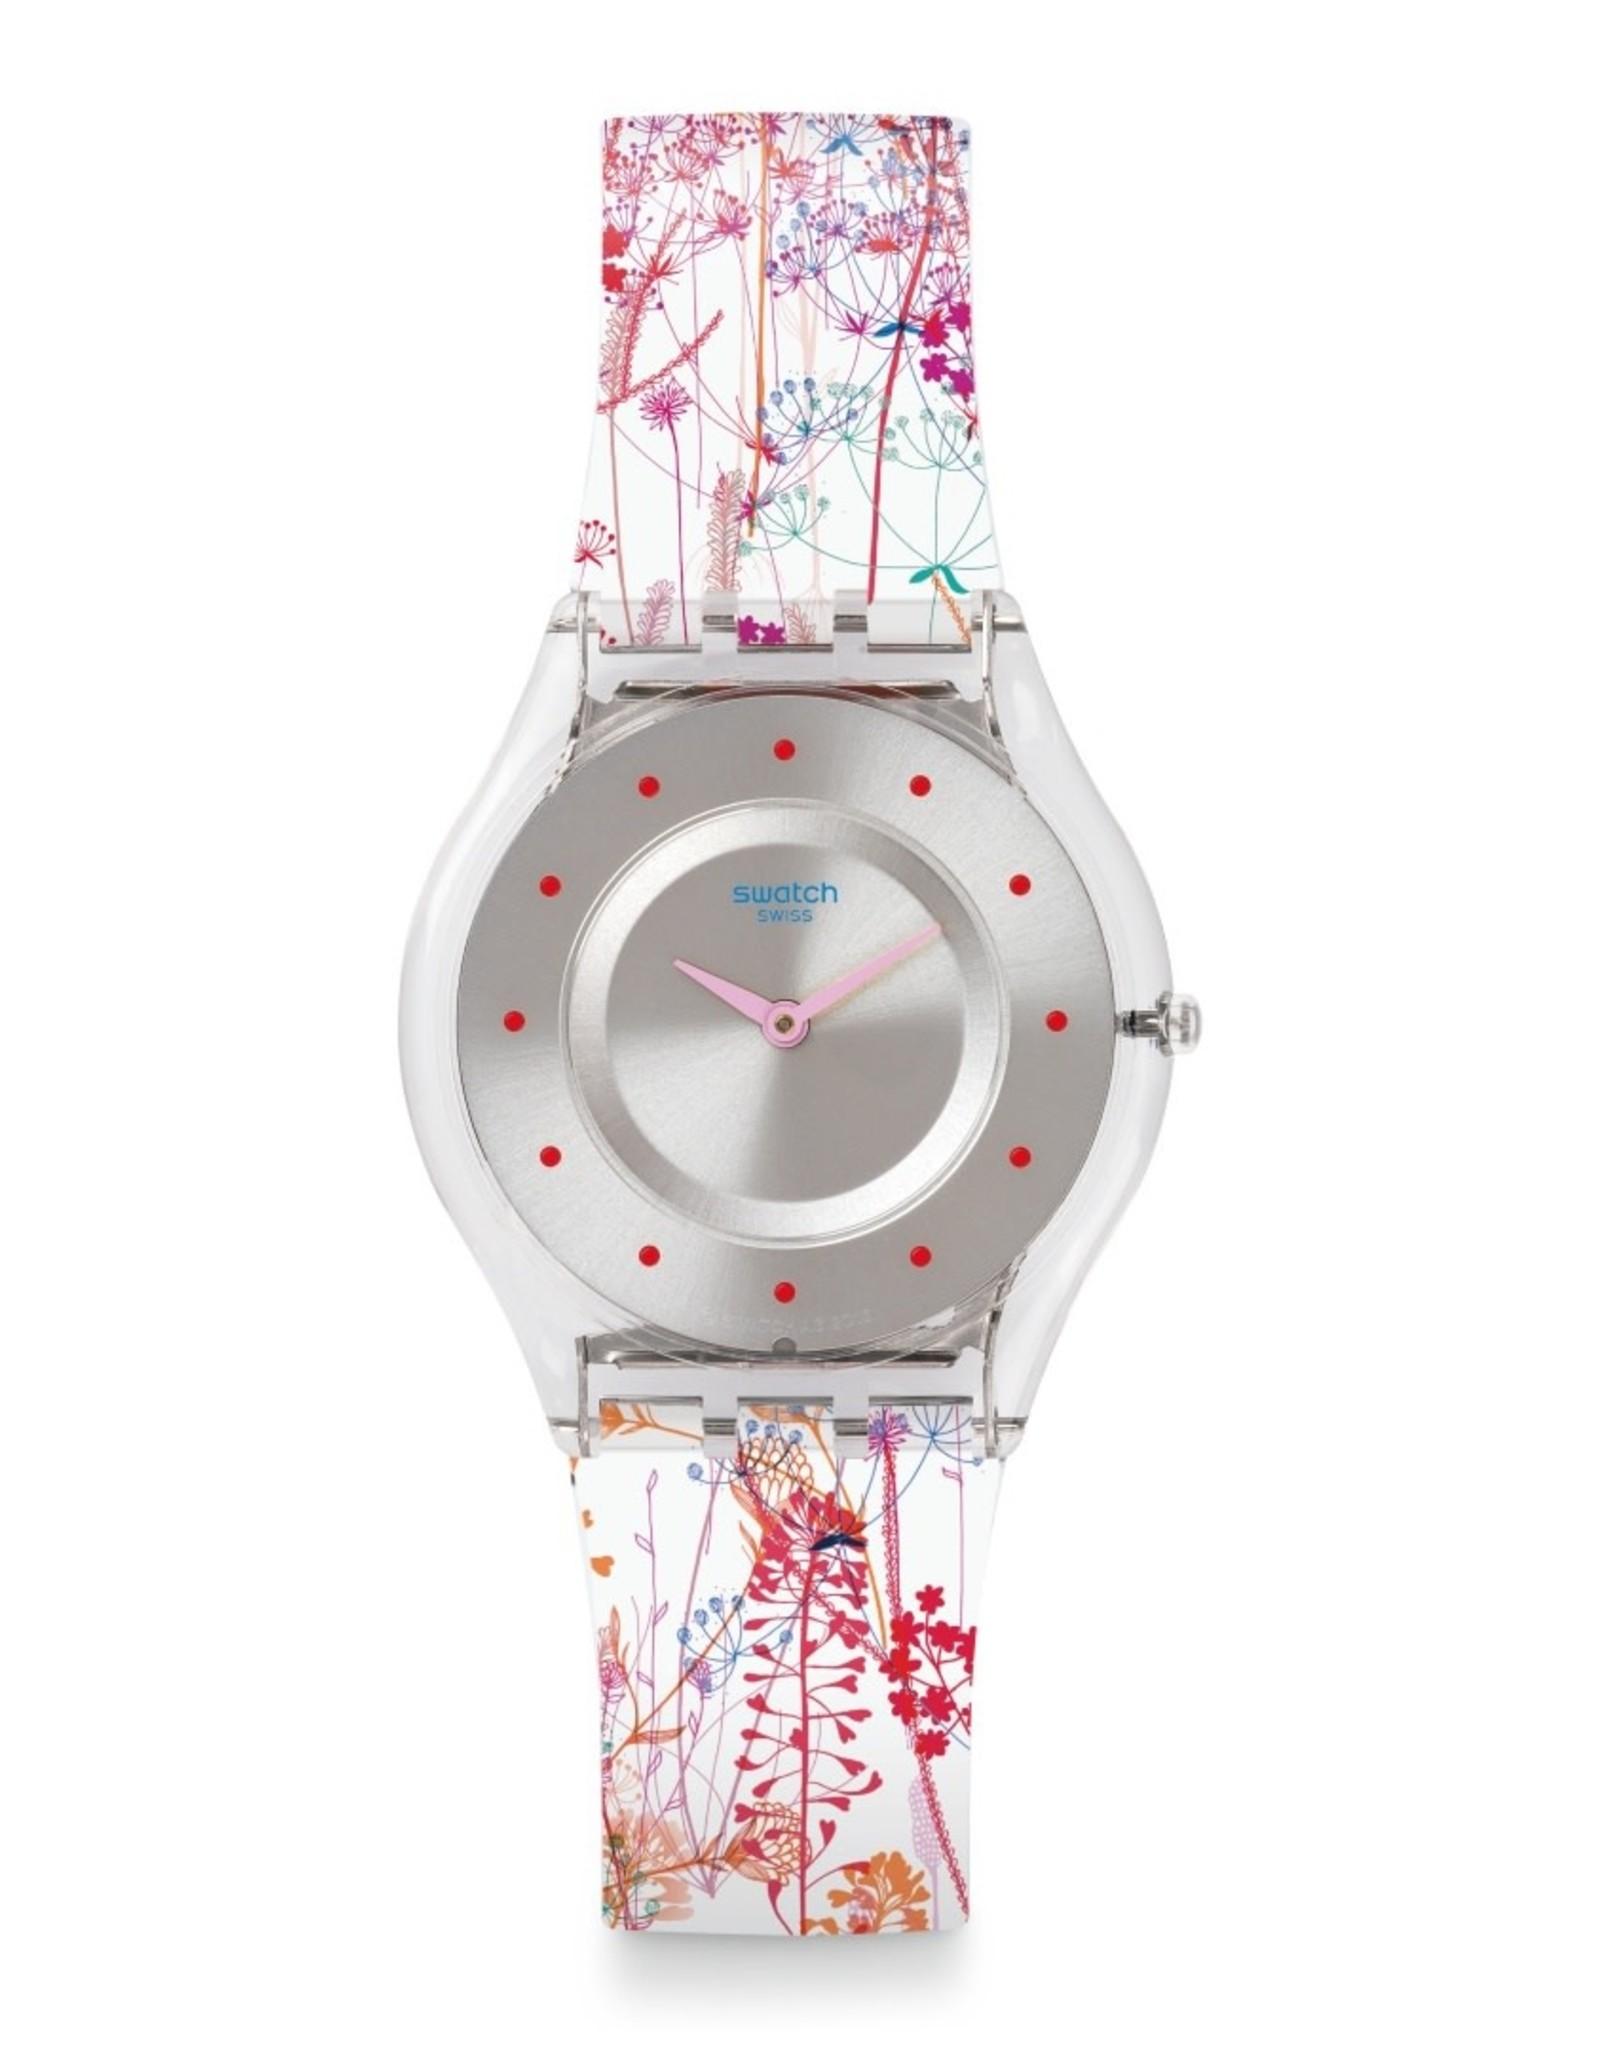 Swatch Swatch SFE102 JARDIN FLEURI